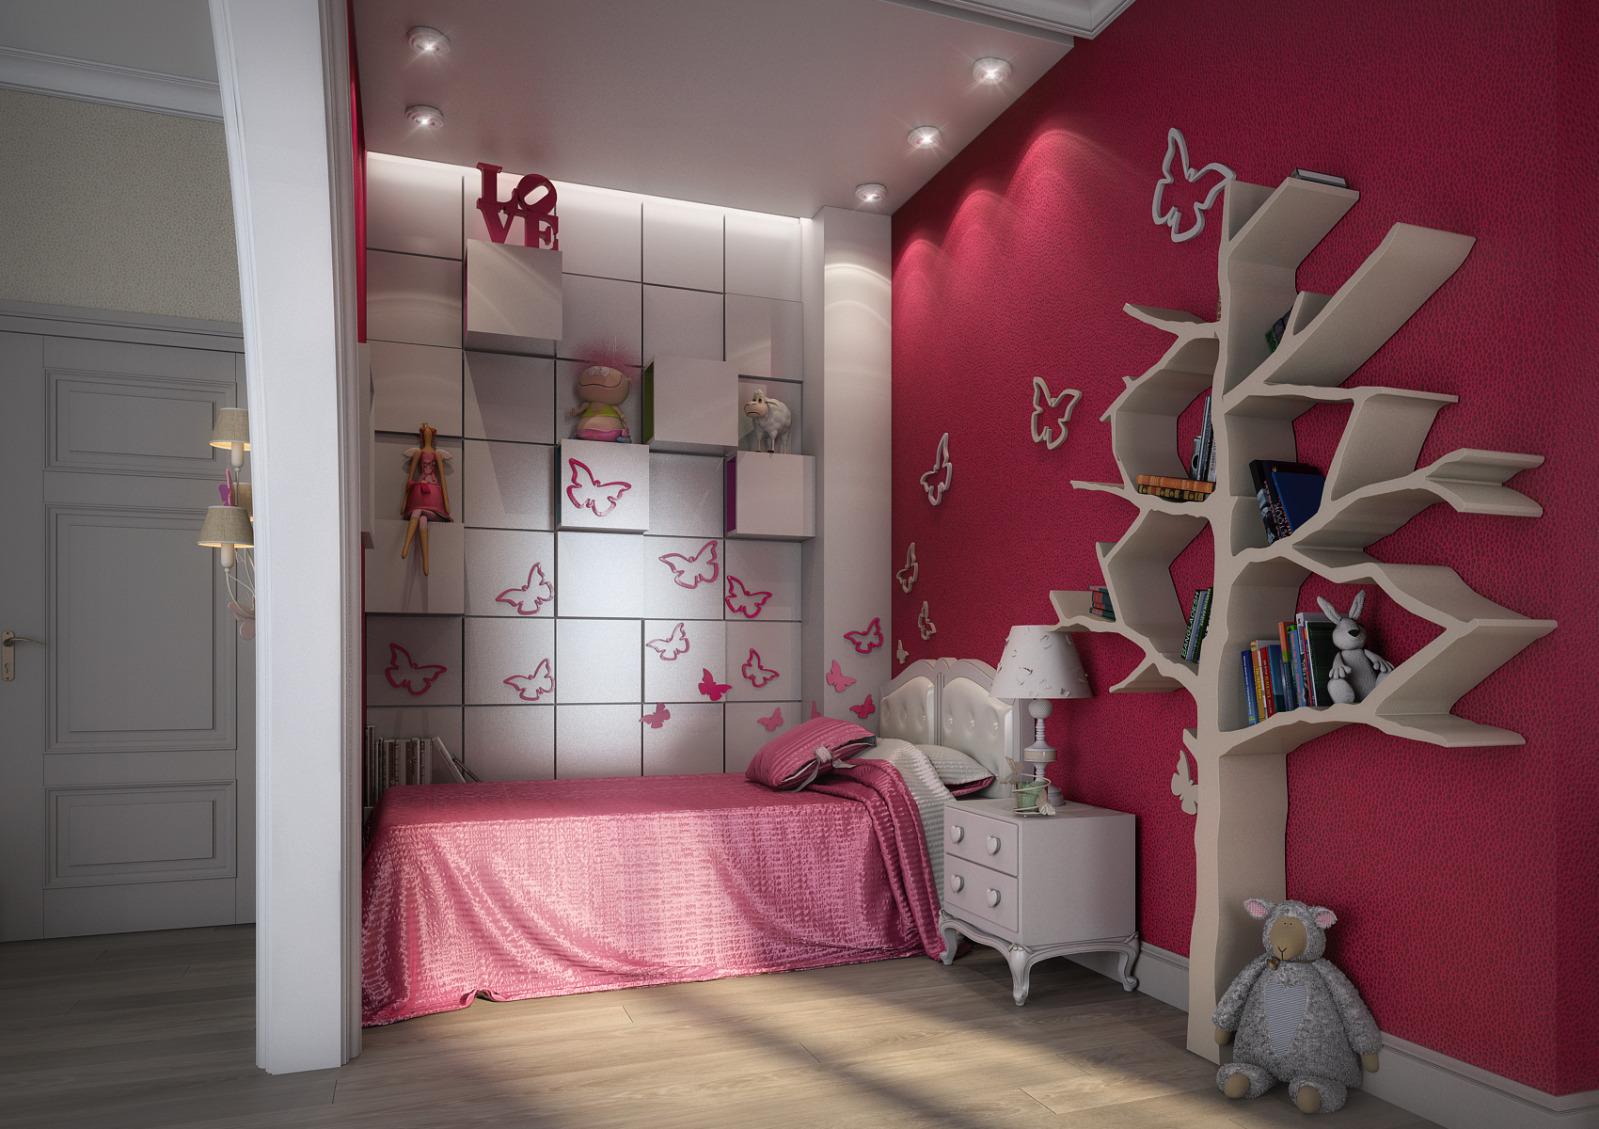 Фото интерьер детской комнаты для девочек